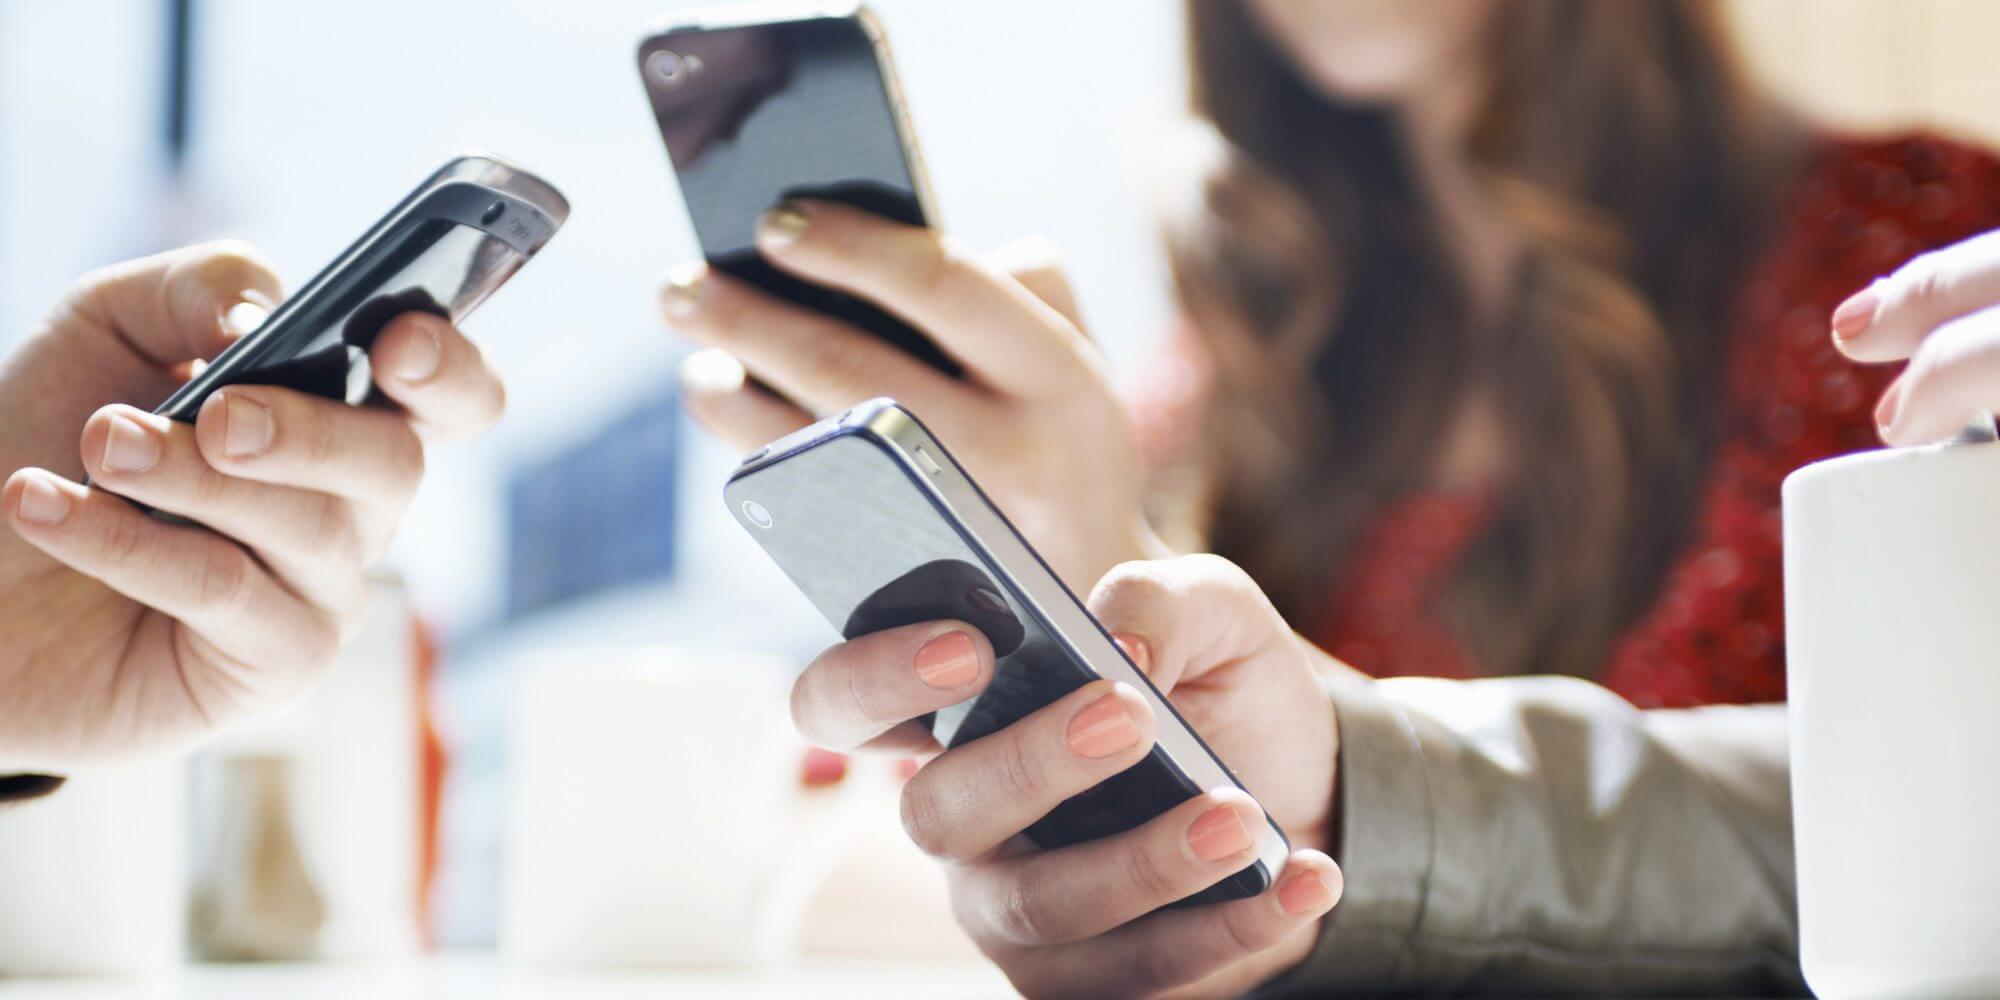 o SMARTPHONE facebook - Conheça as 5 categorias de aplicativos mais populares no Brasil